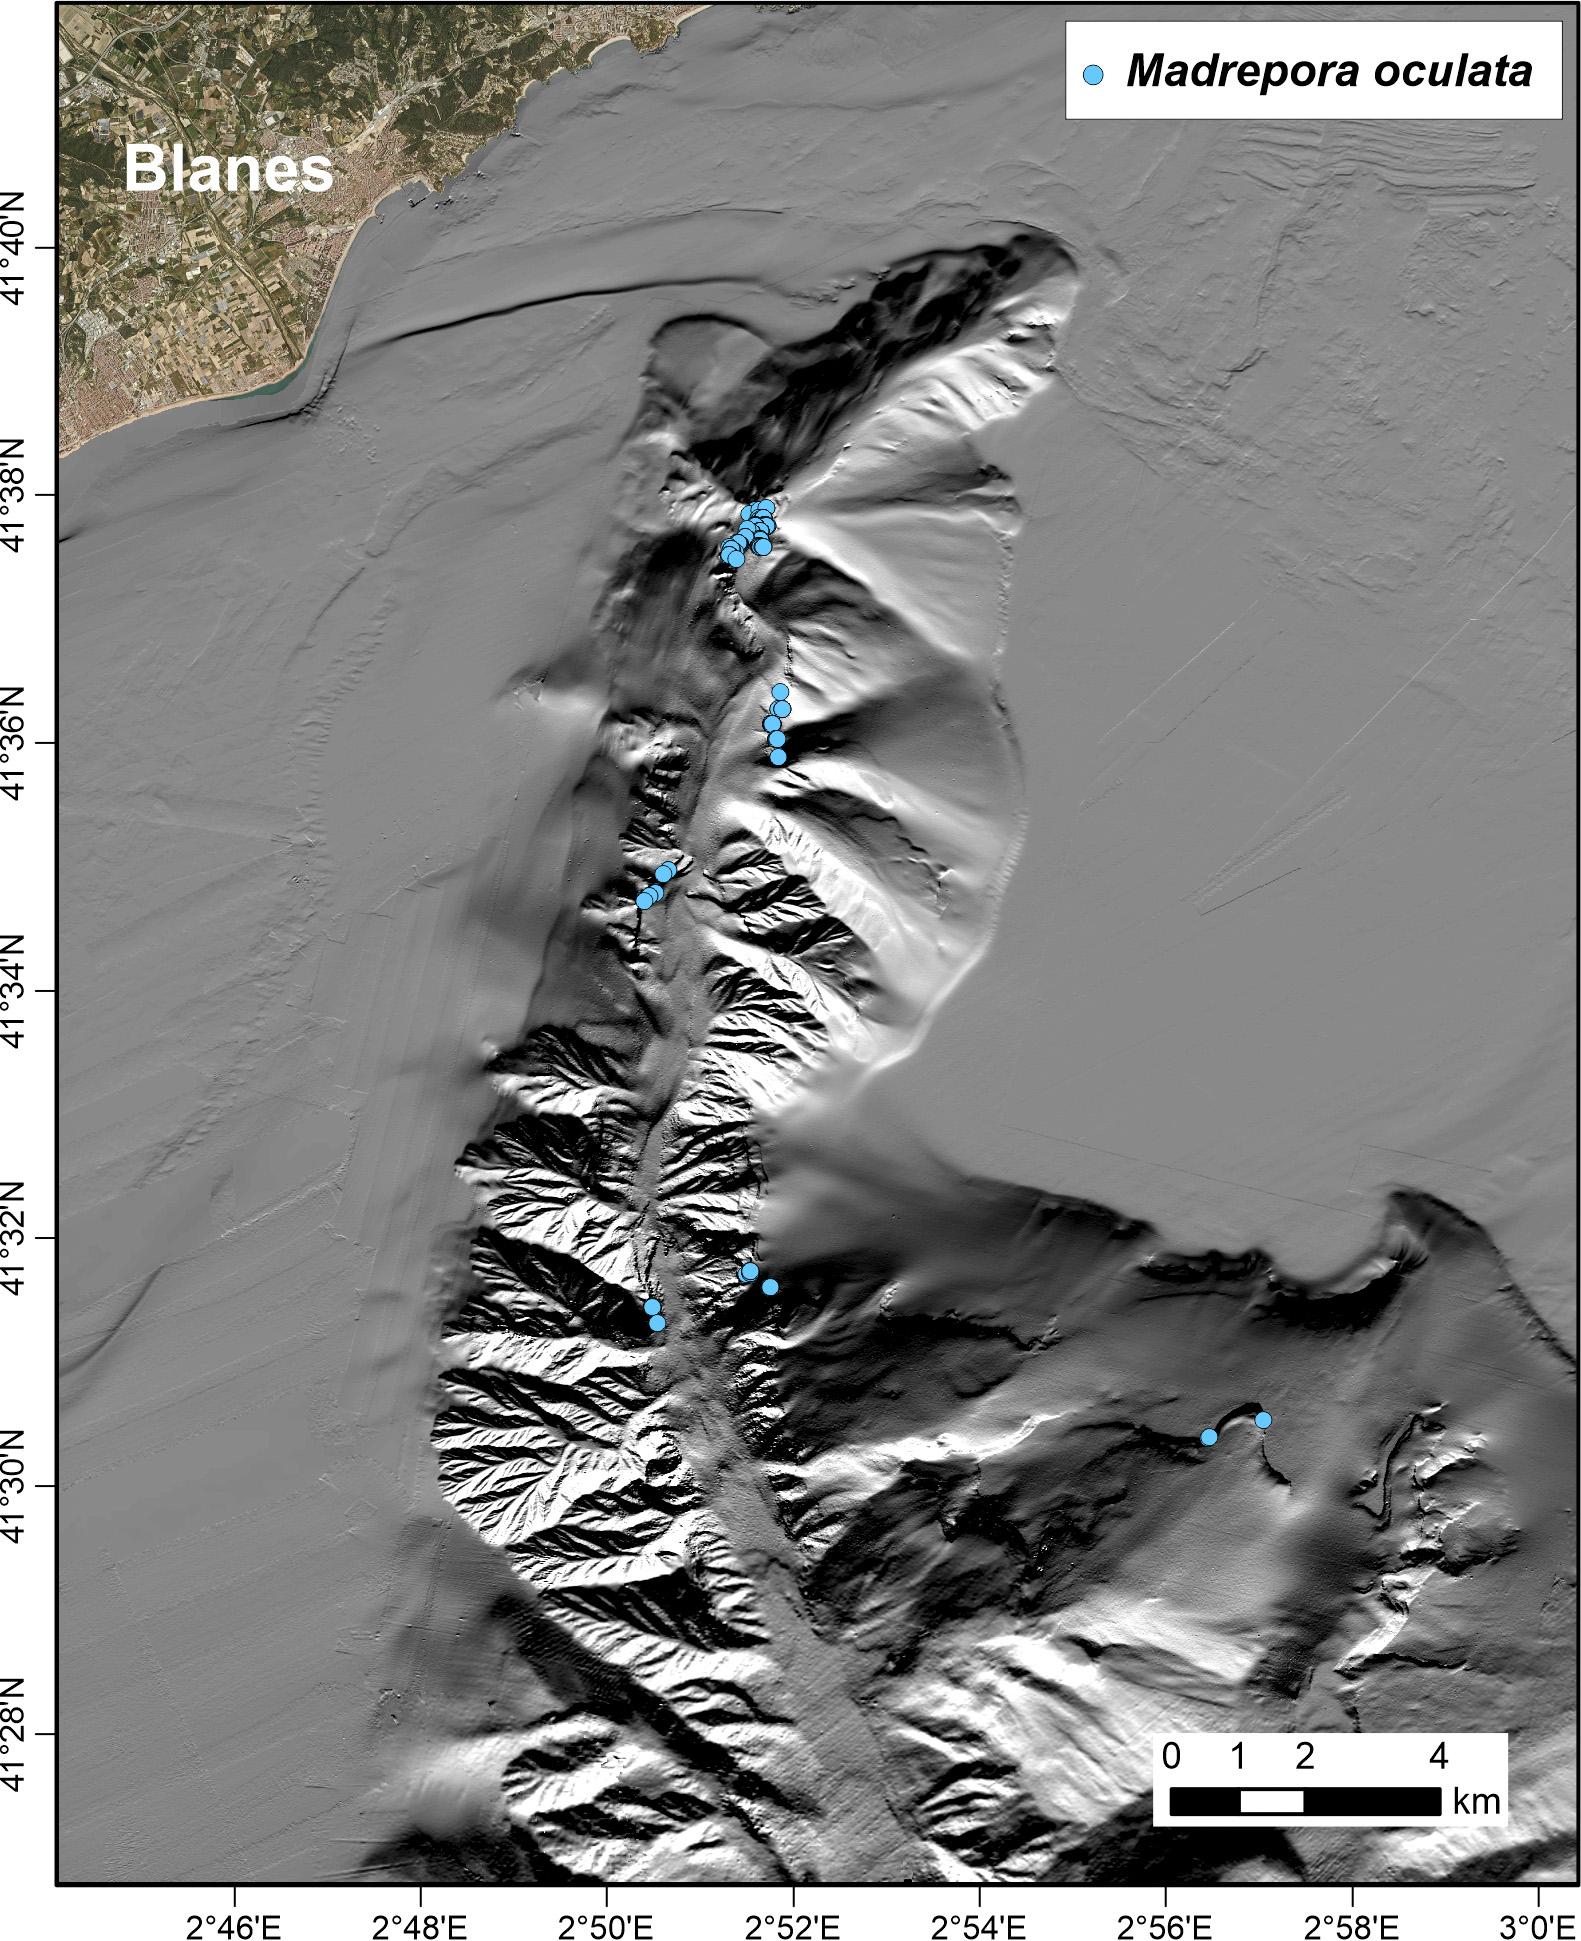 Mapa batimètric del Canyó submarí de Blanes